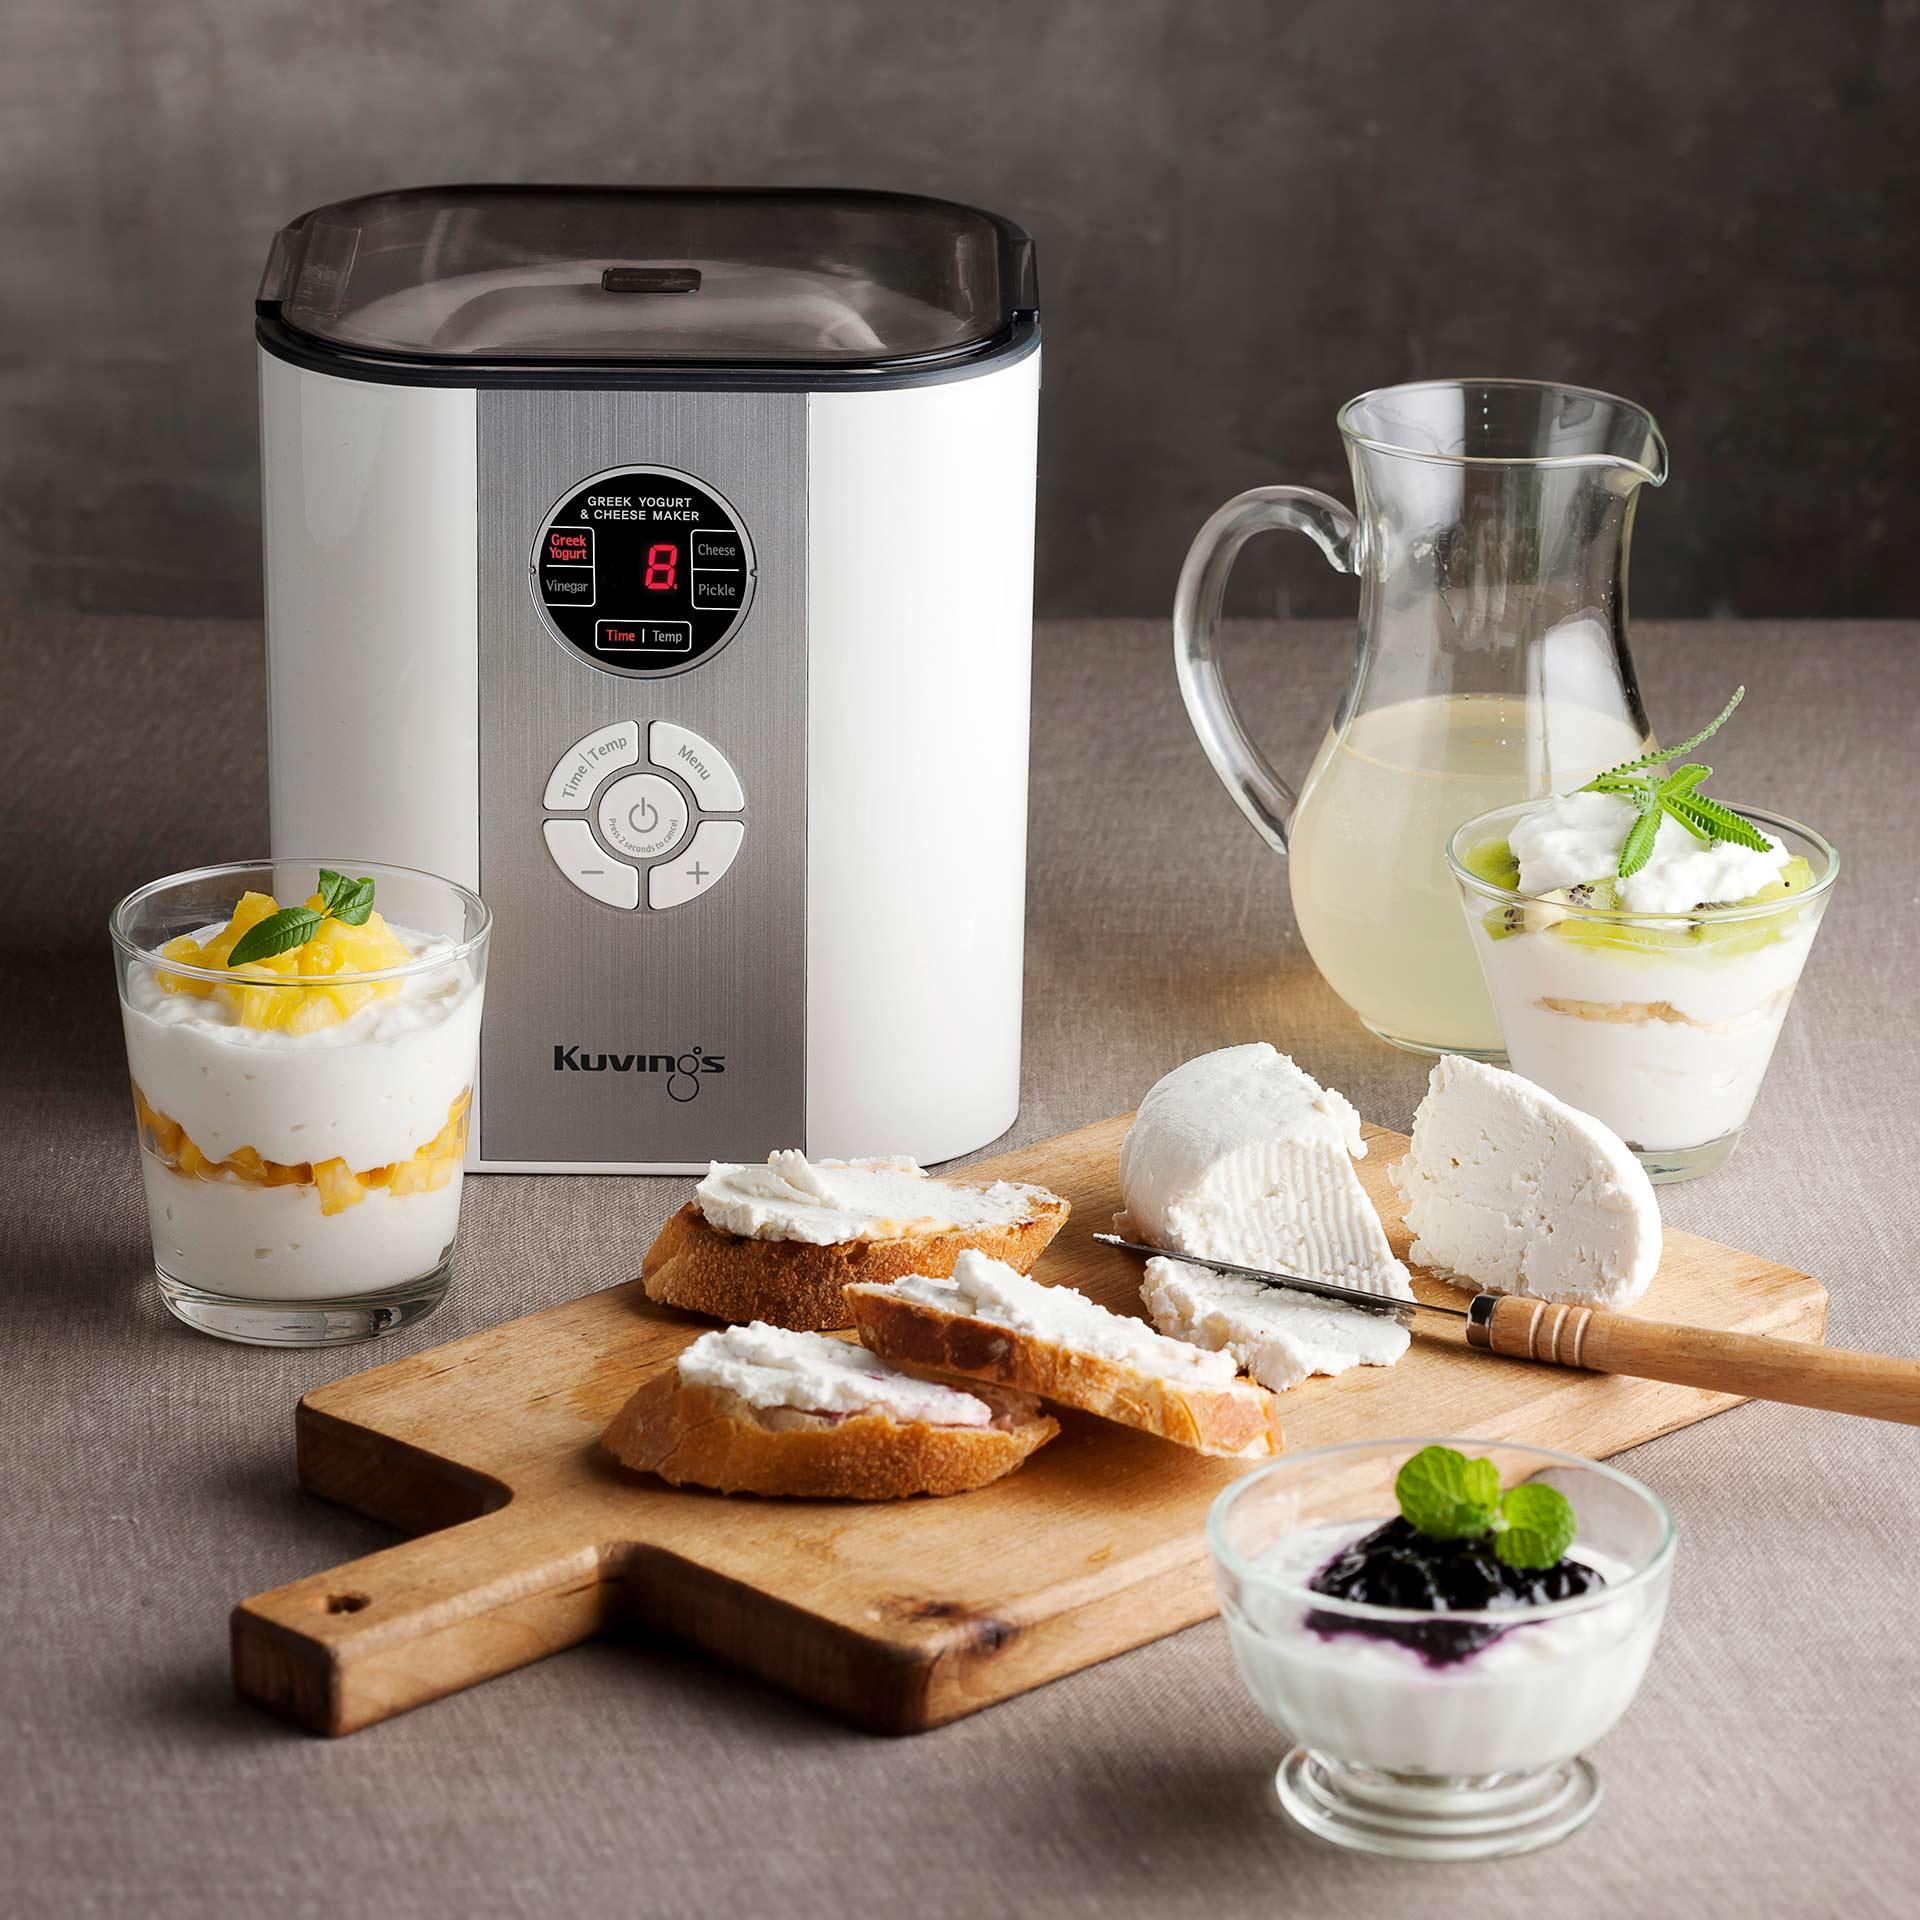 Kuvings Smart Fermenter mit fermentiertem Produkten und Zubereitungsbeispiel: pflanzlicher Käse